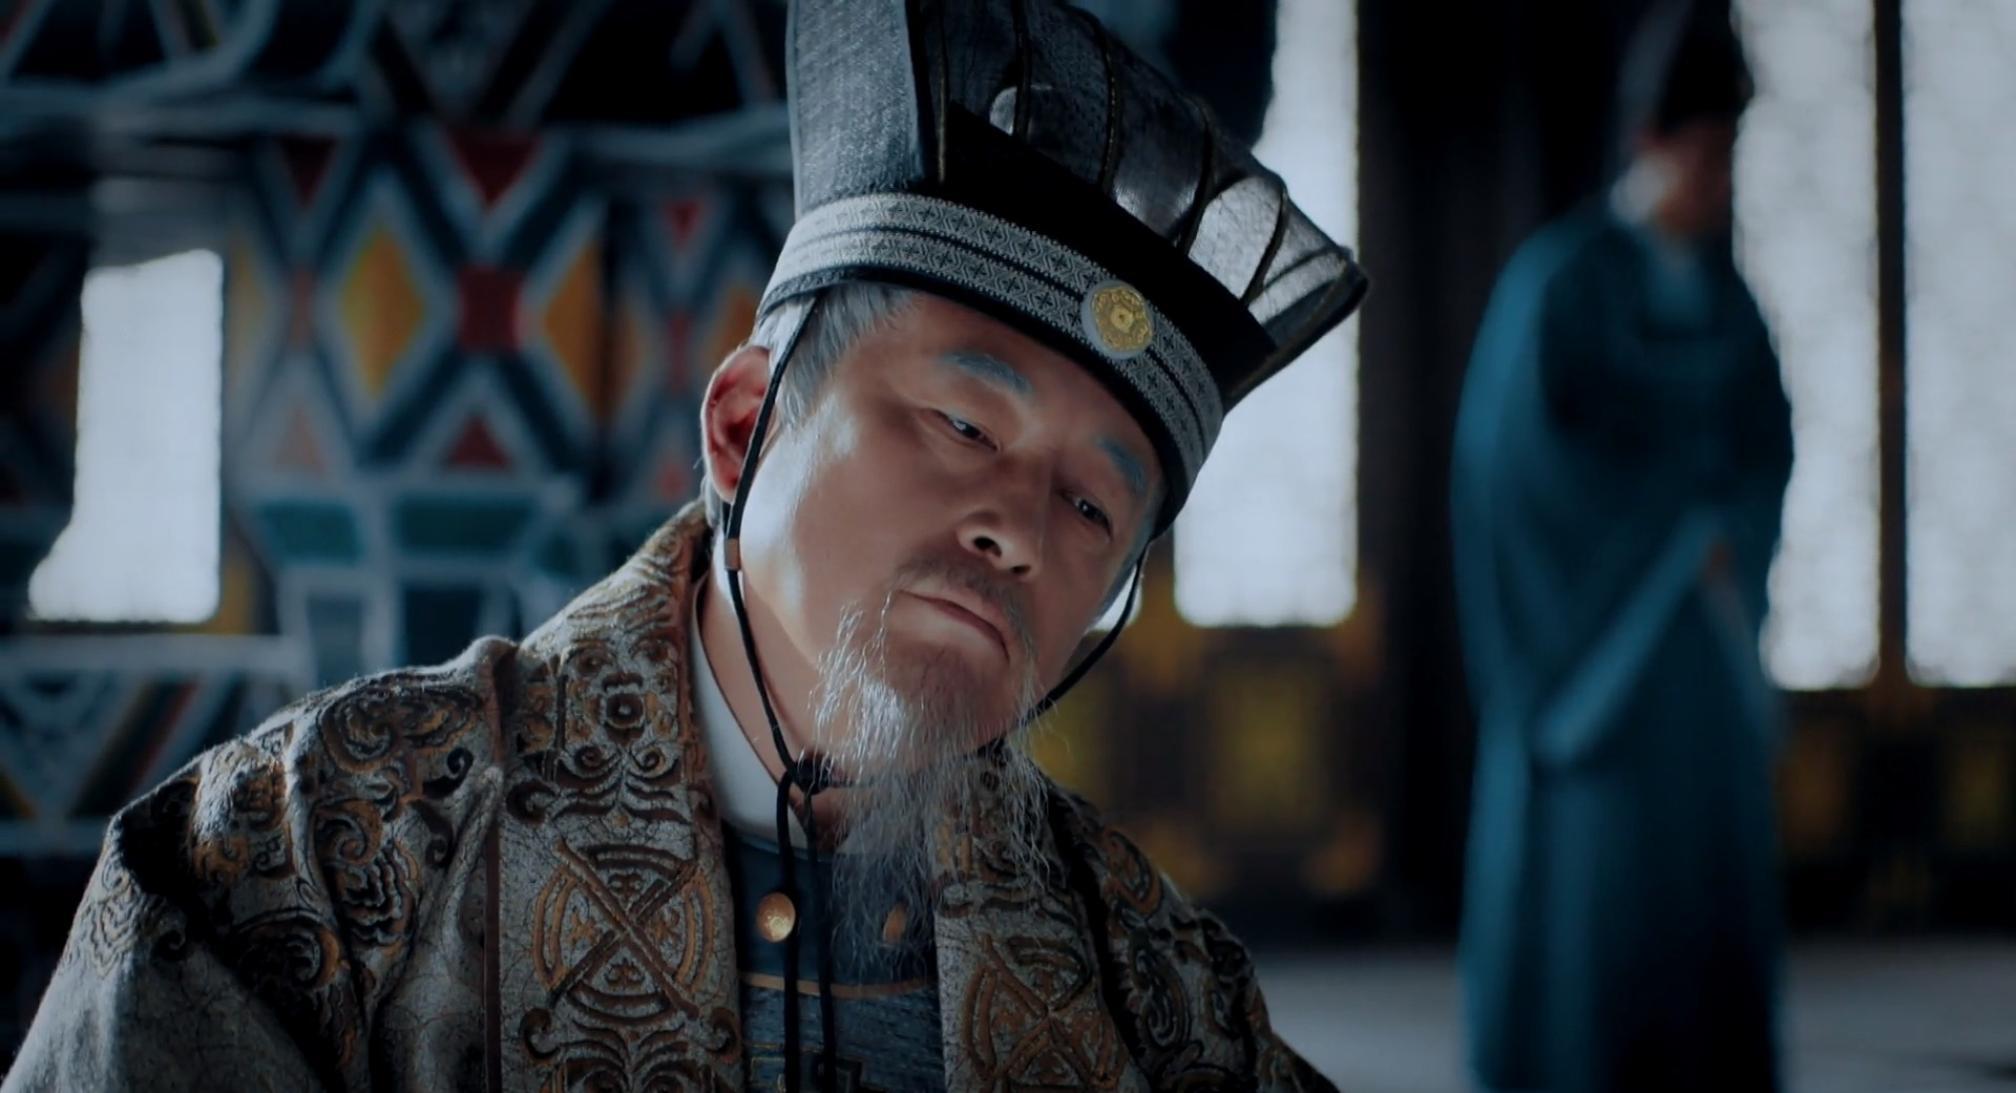 東宮(完整版) 第8集 - 大陸劇 - 戲劇線上看 - myVideo | 陪你每一刻